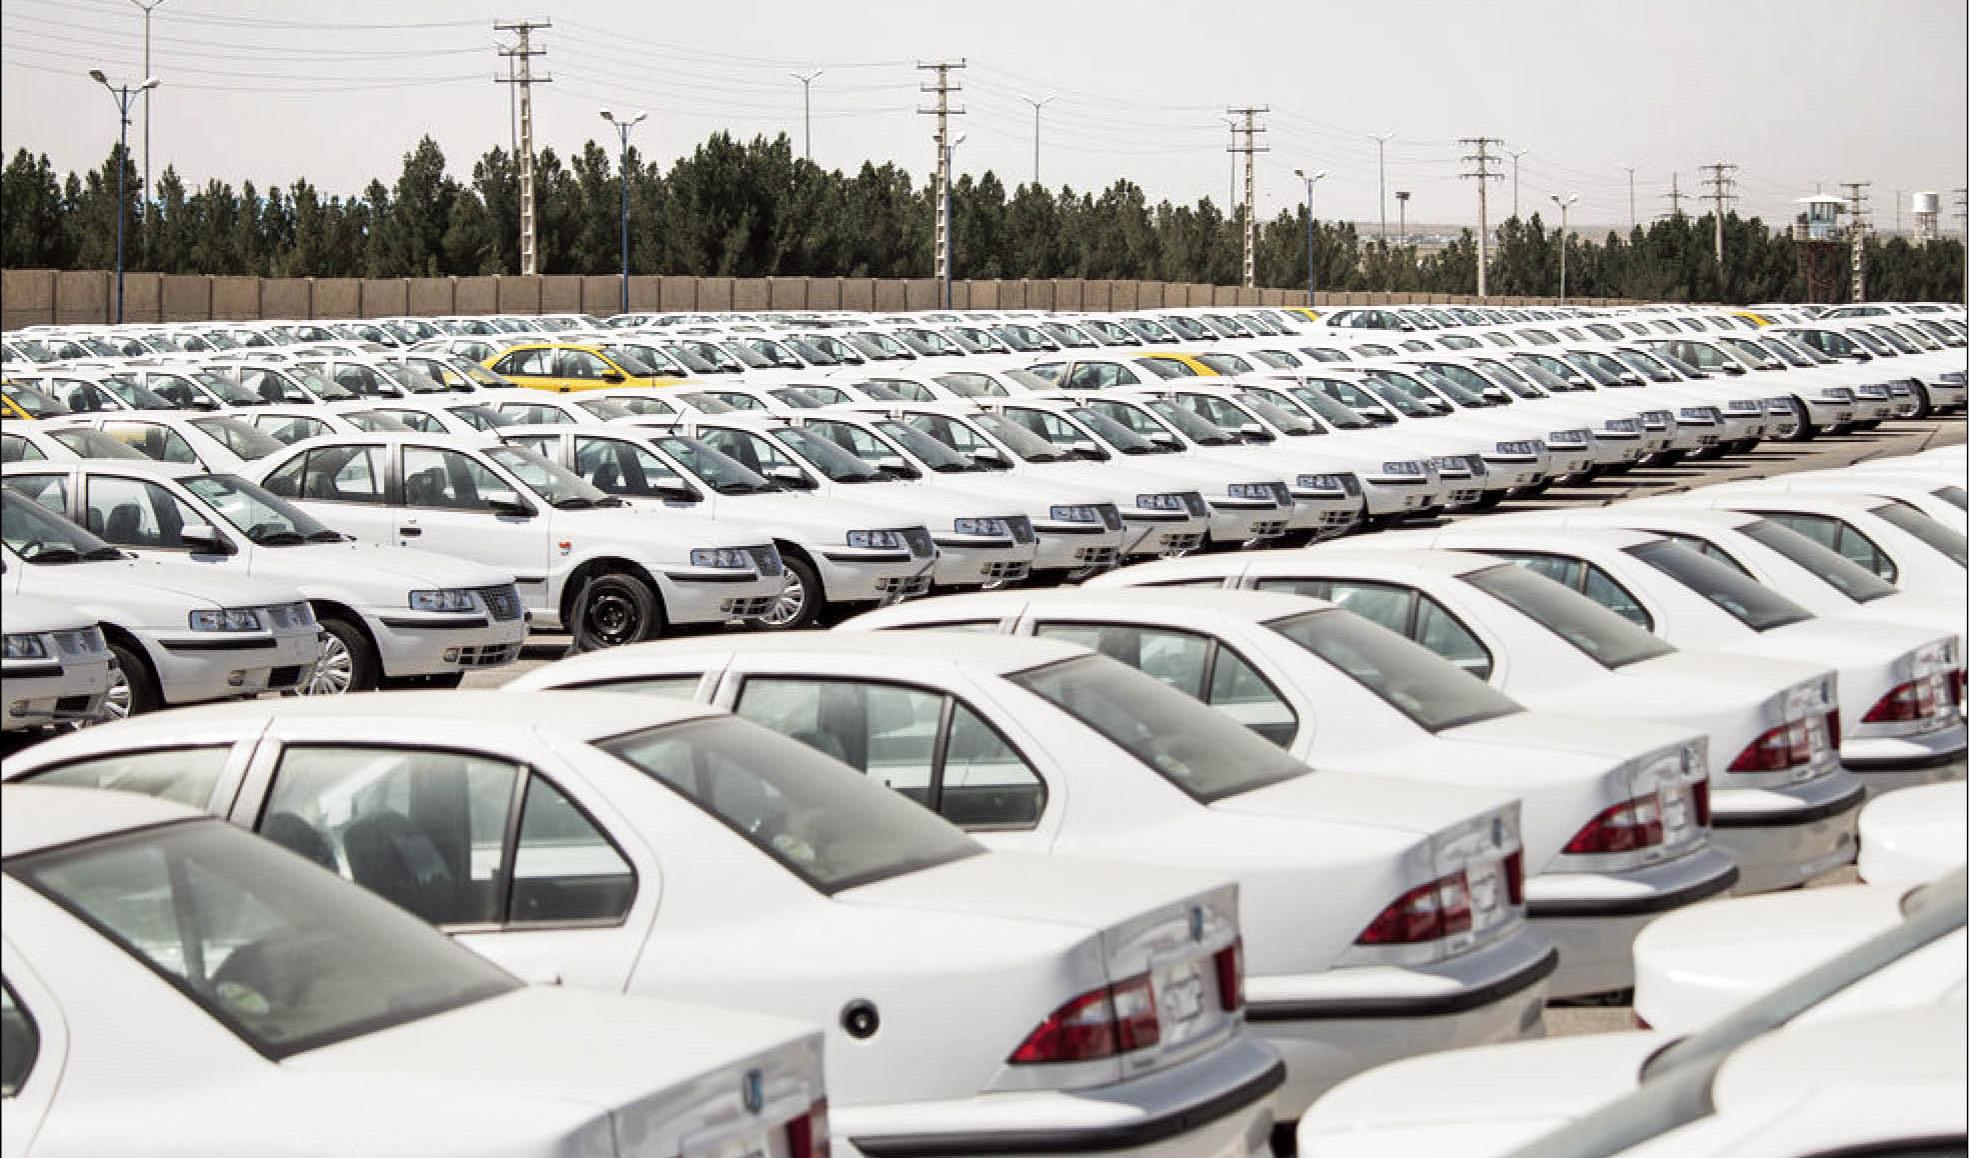 عرضه ۱۵۲ هزار خودرو در طرح فروش فوق العاده تا پایان سال